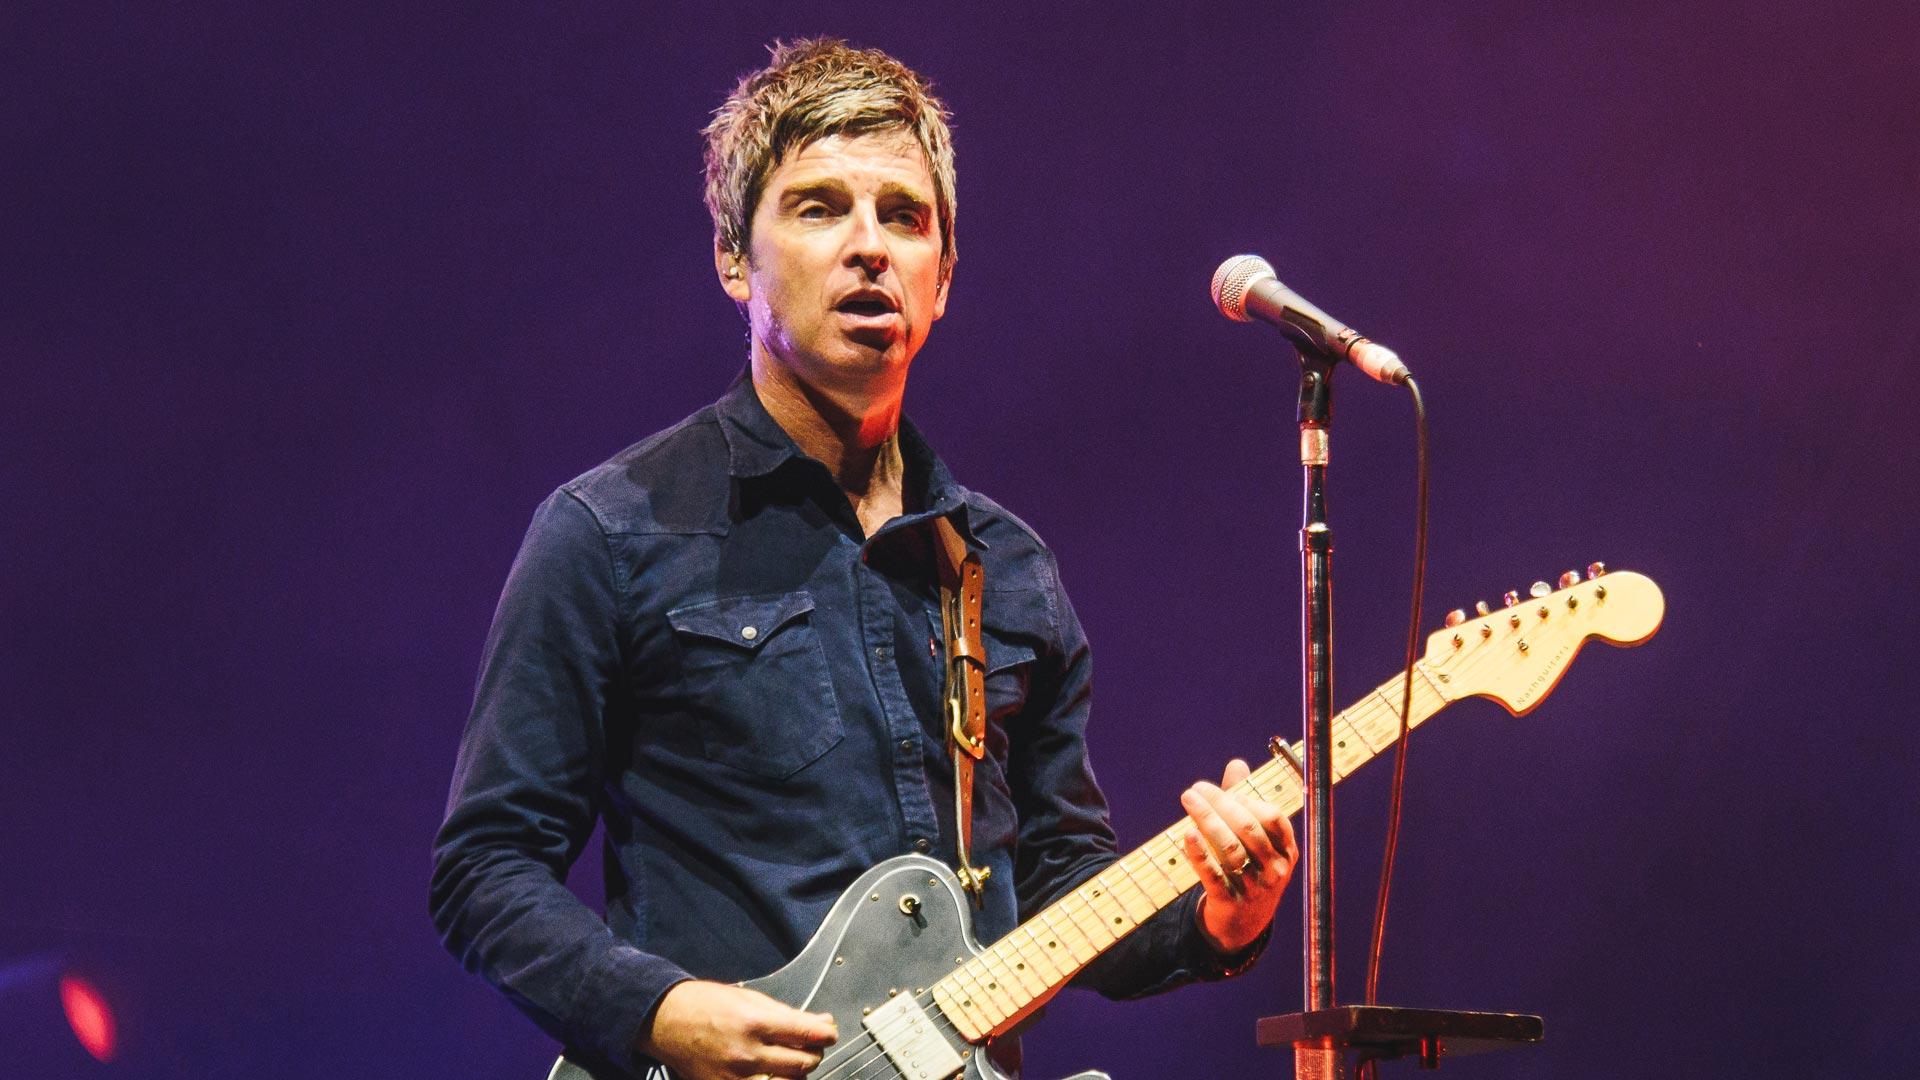 Hat manchmal einfach keine Ahnung: Noel Gallagher